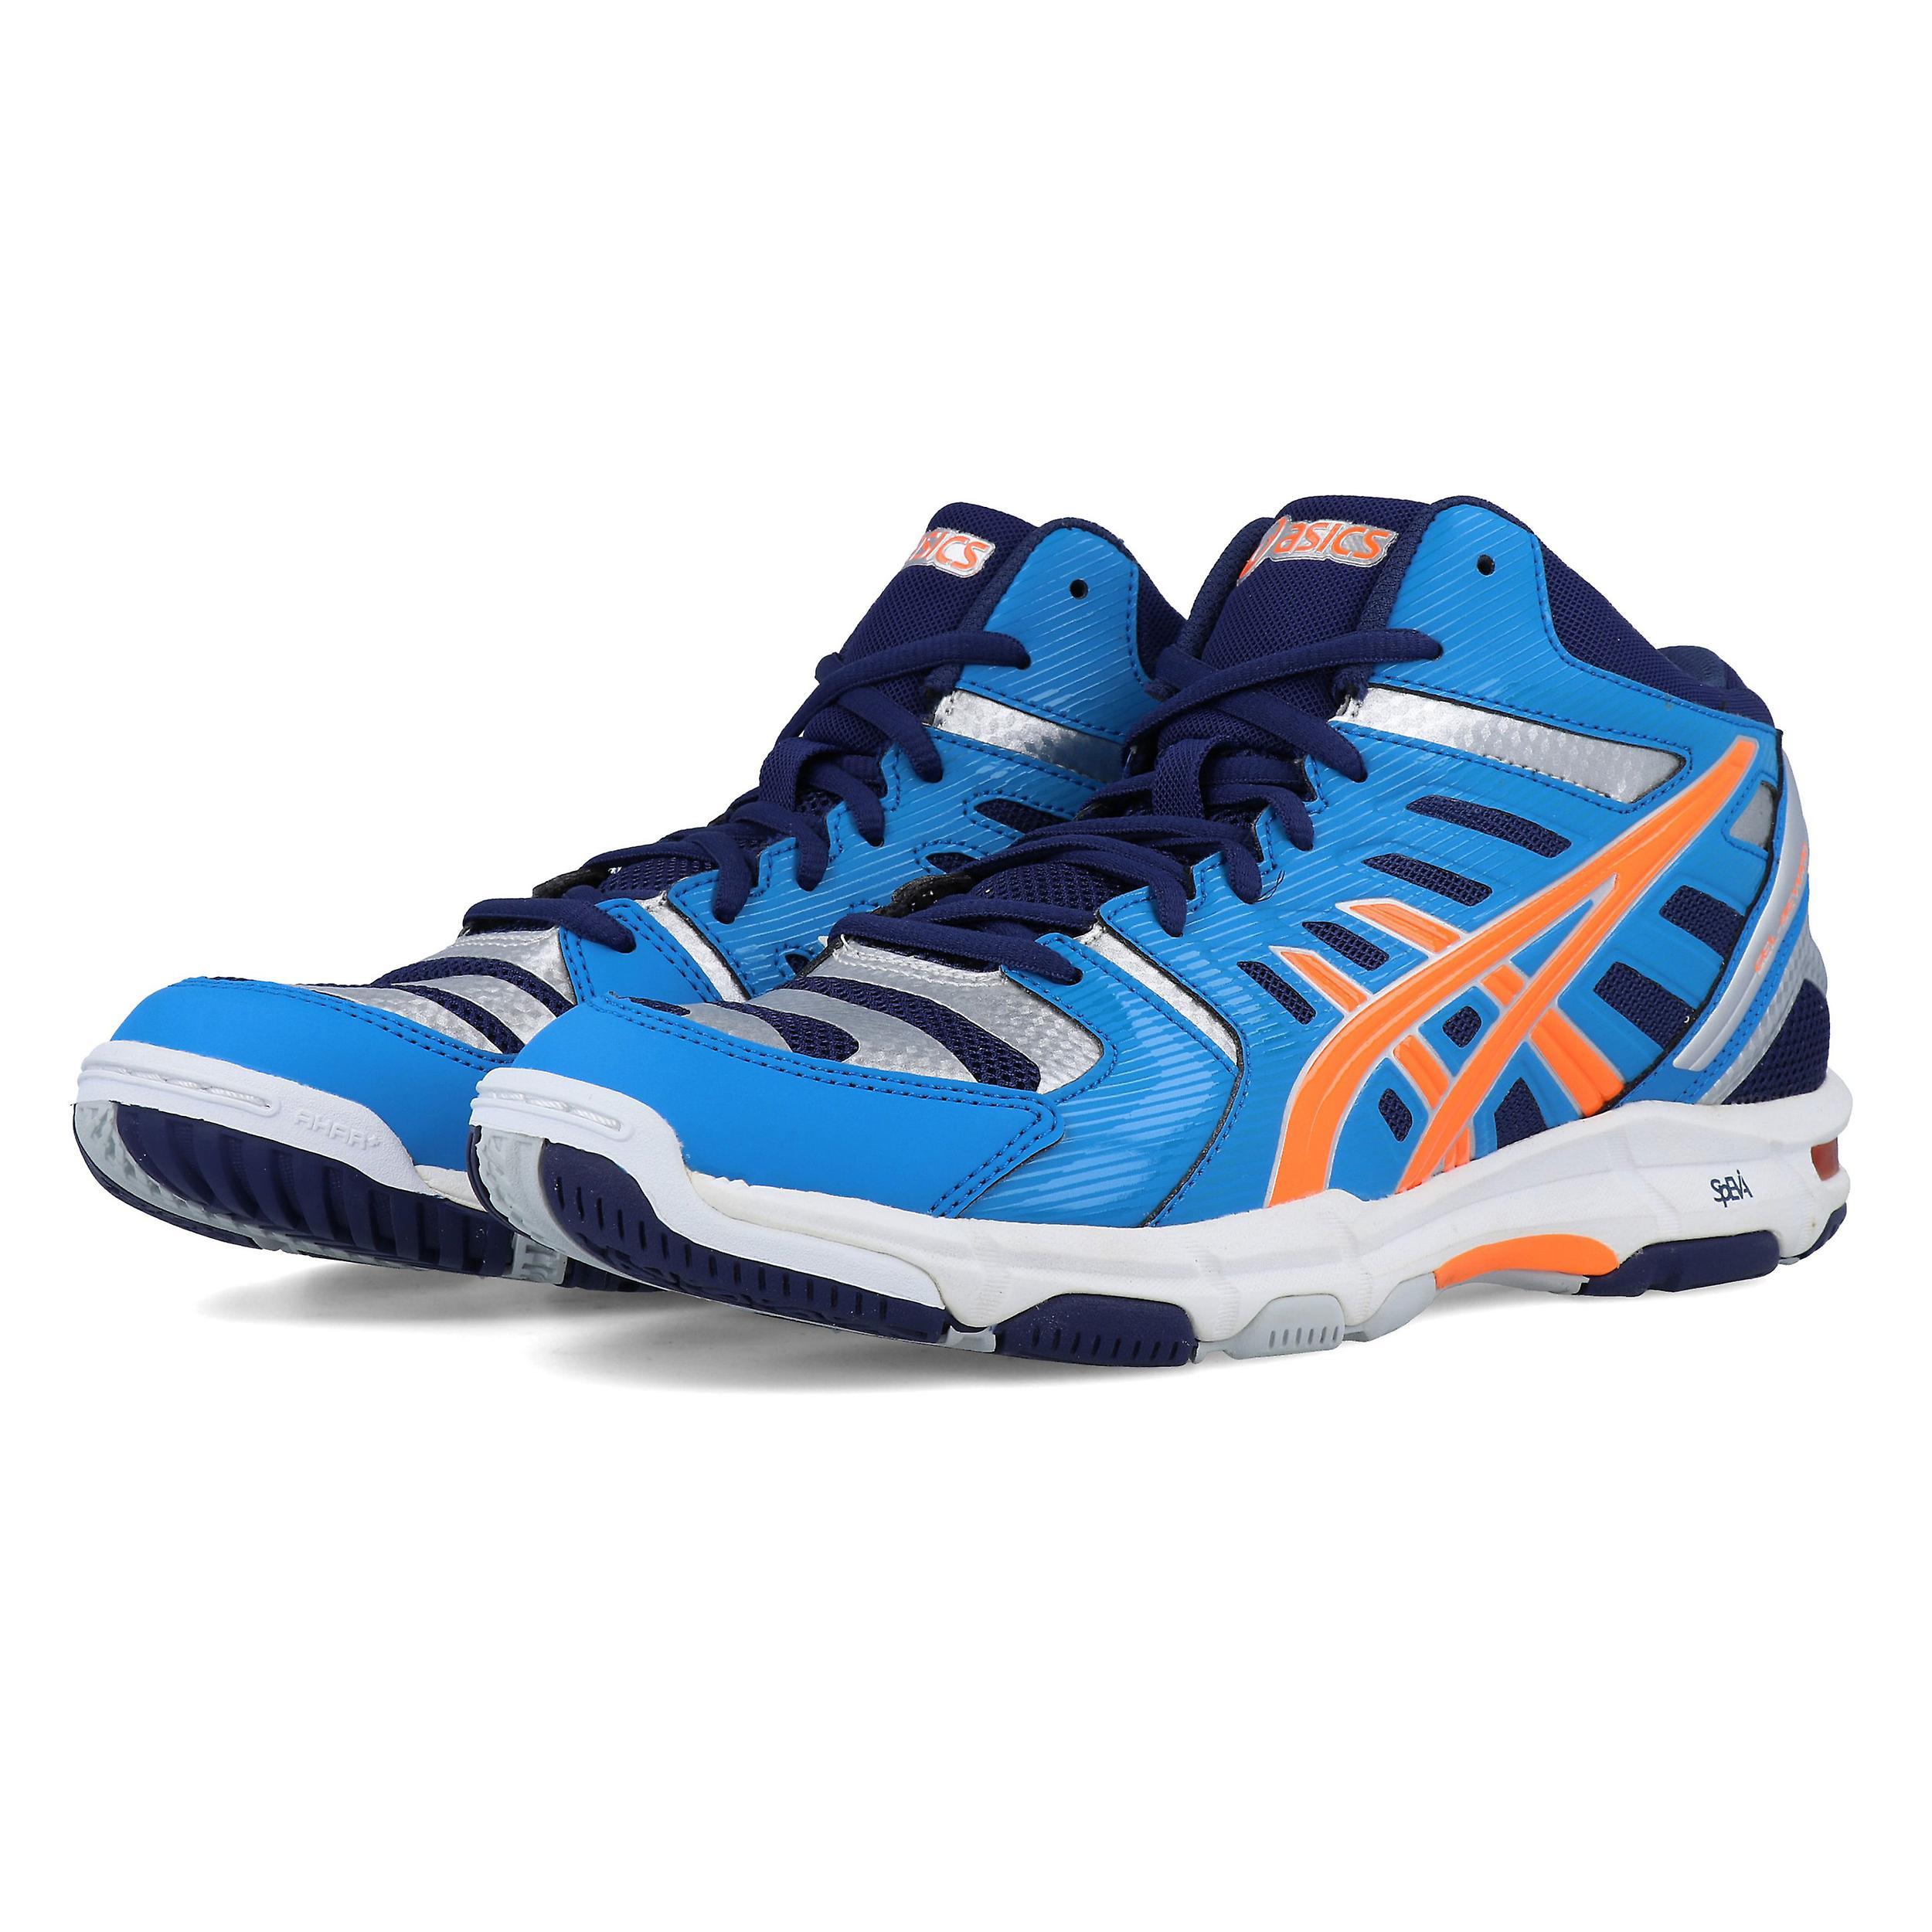 6e2279718dda2 Asics Gel-Beyond 4 MT Indoor Court Shoes